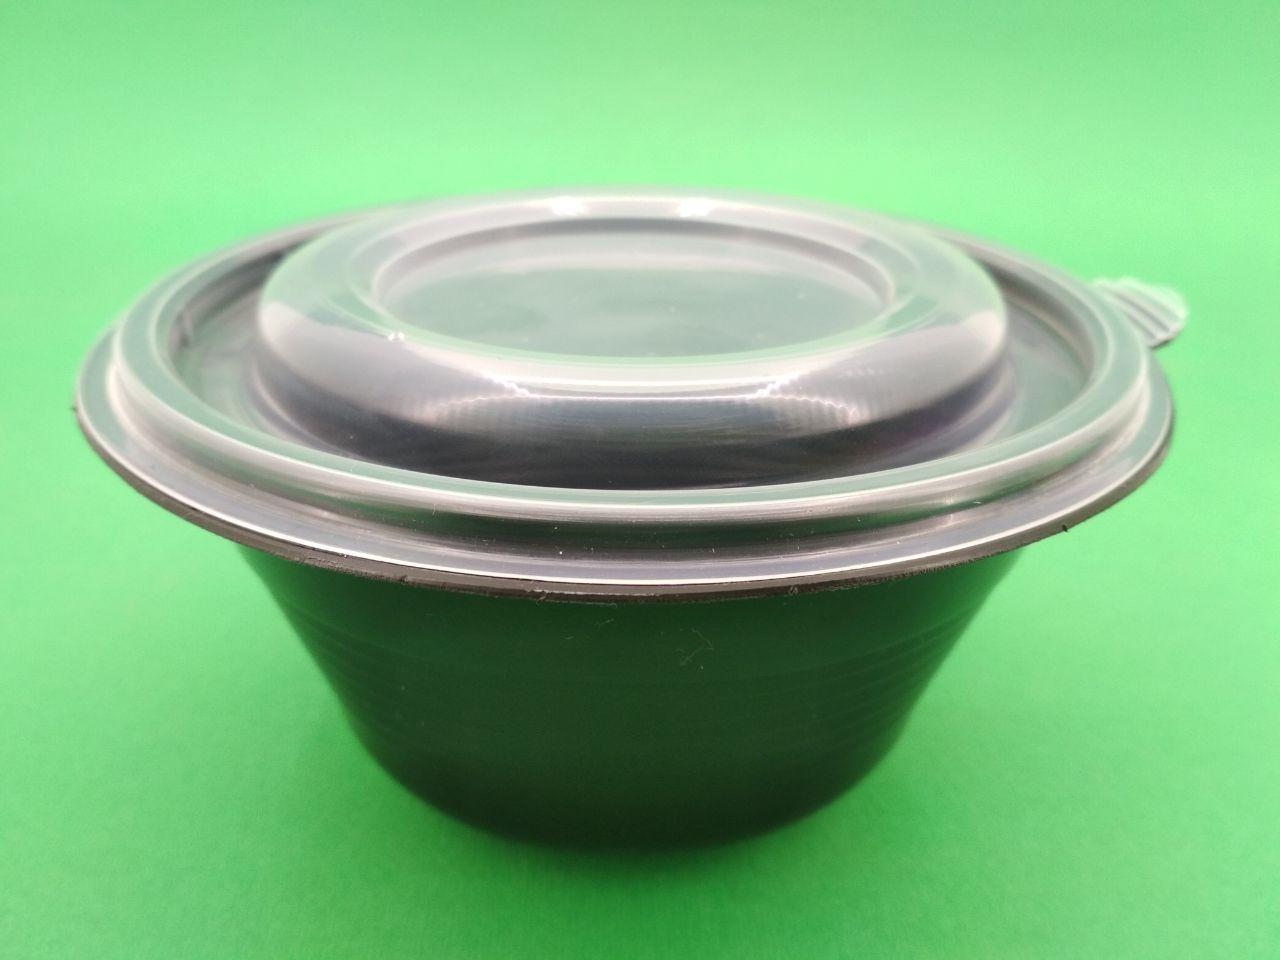 Супная емкость 500 мл чёрная с крышкой, ПП-117-350 (50 шт)